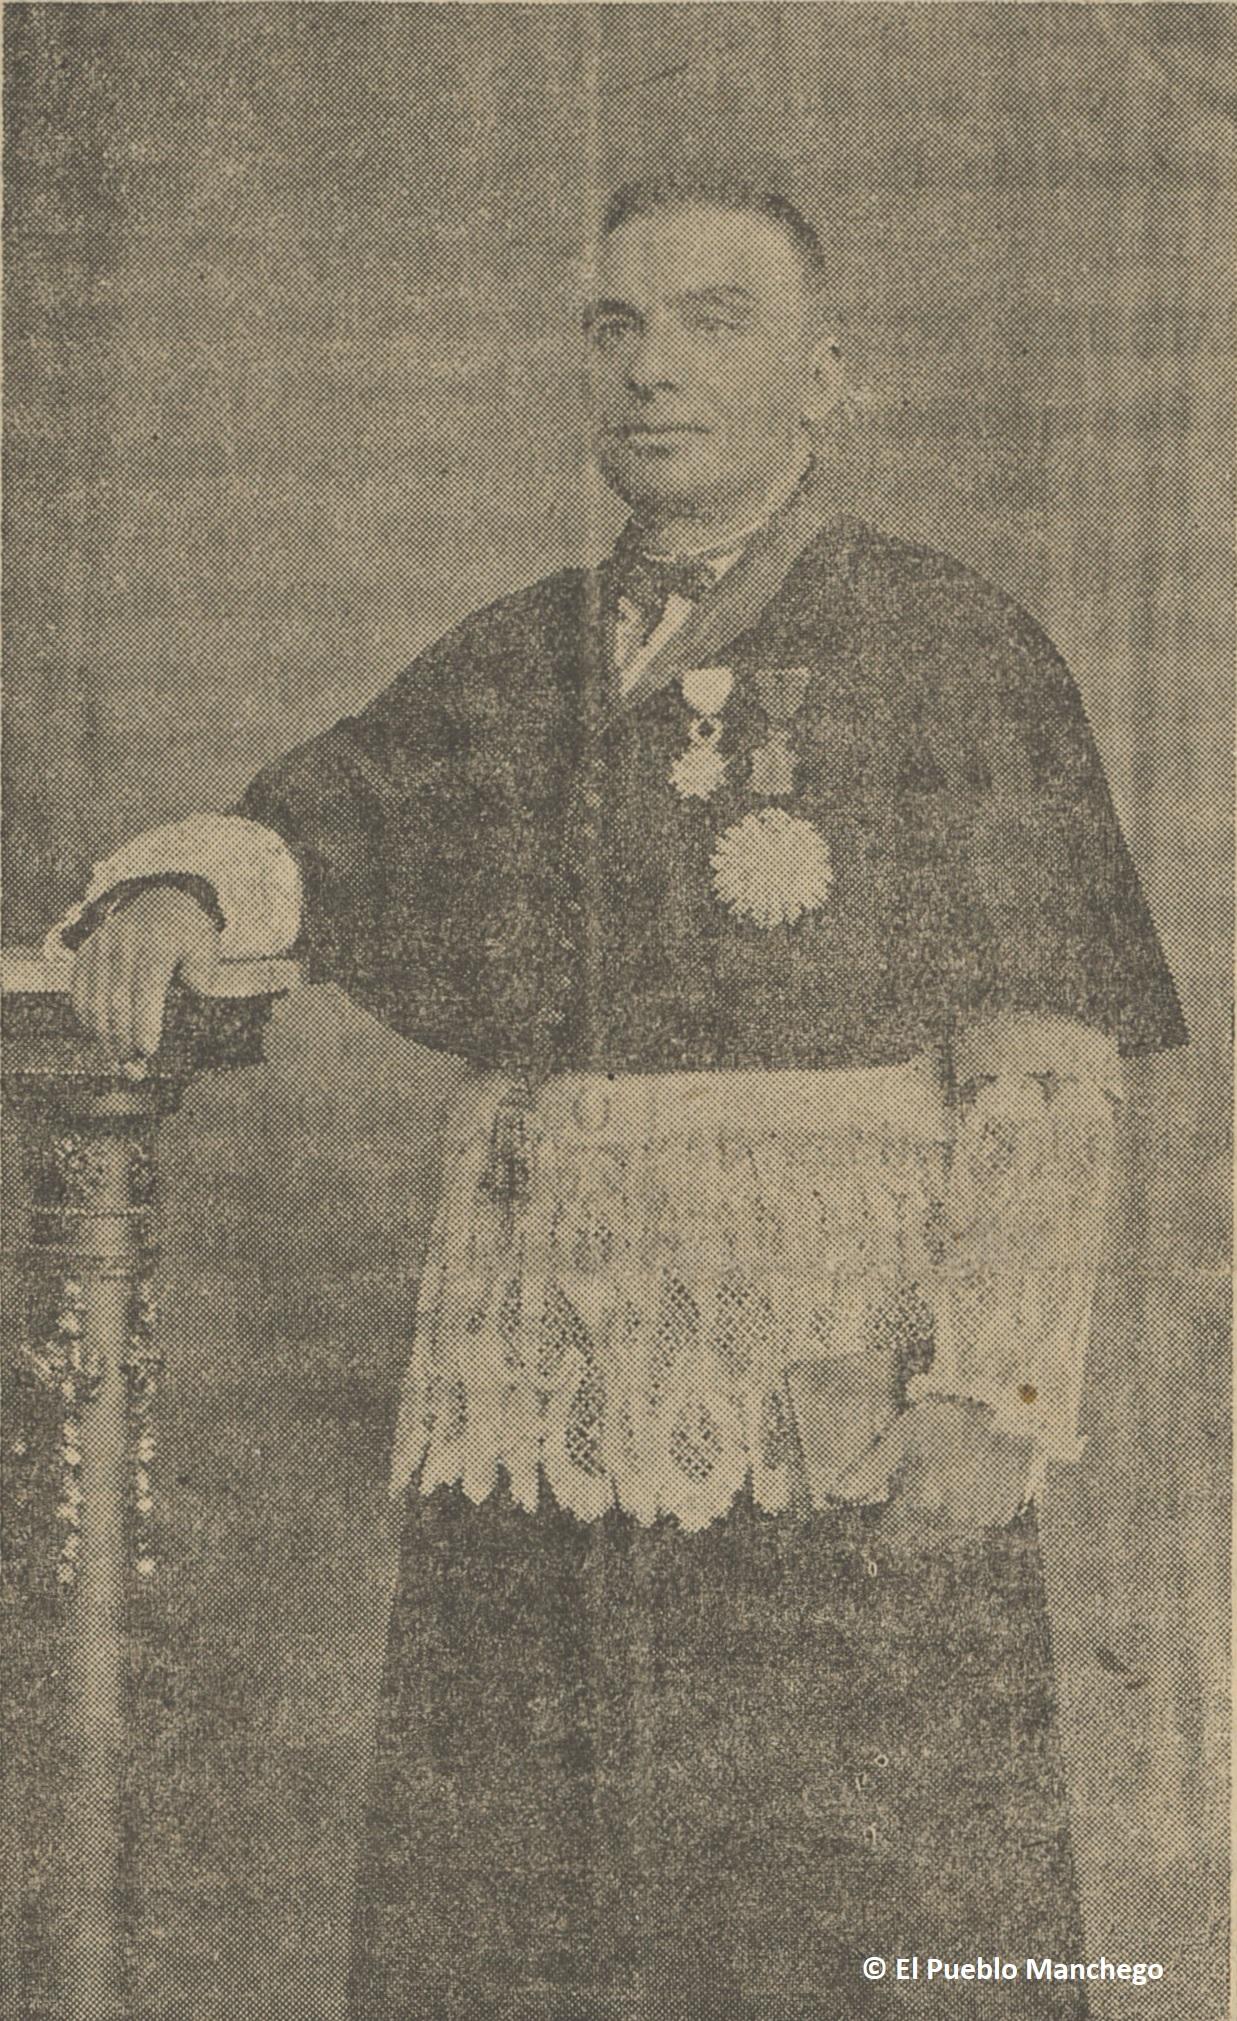 El Párroco-Arcipreste de Calzada de Calatrava, Don Juan Moreno Costoso, el día de la consagración de la actual parroquia de Calzada de Calatrava.